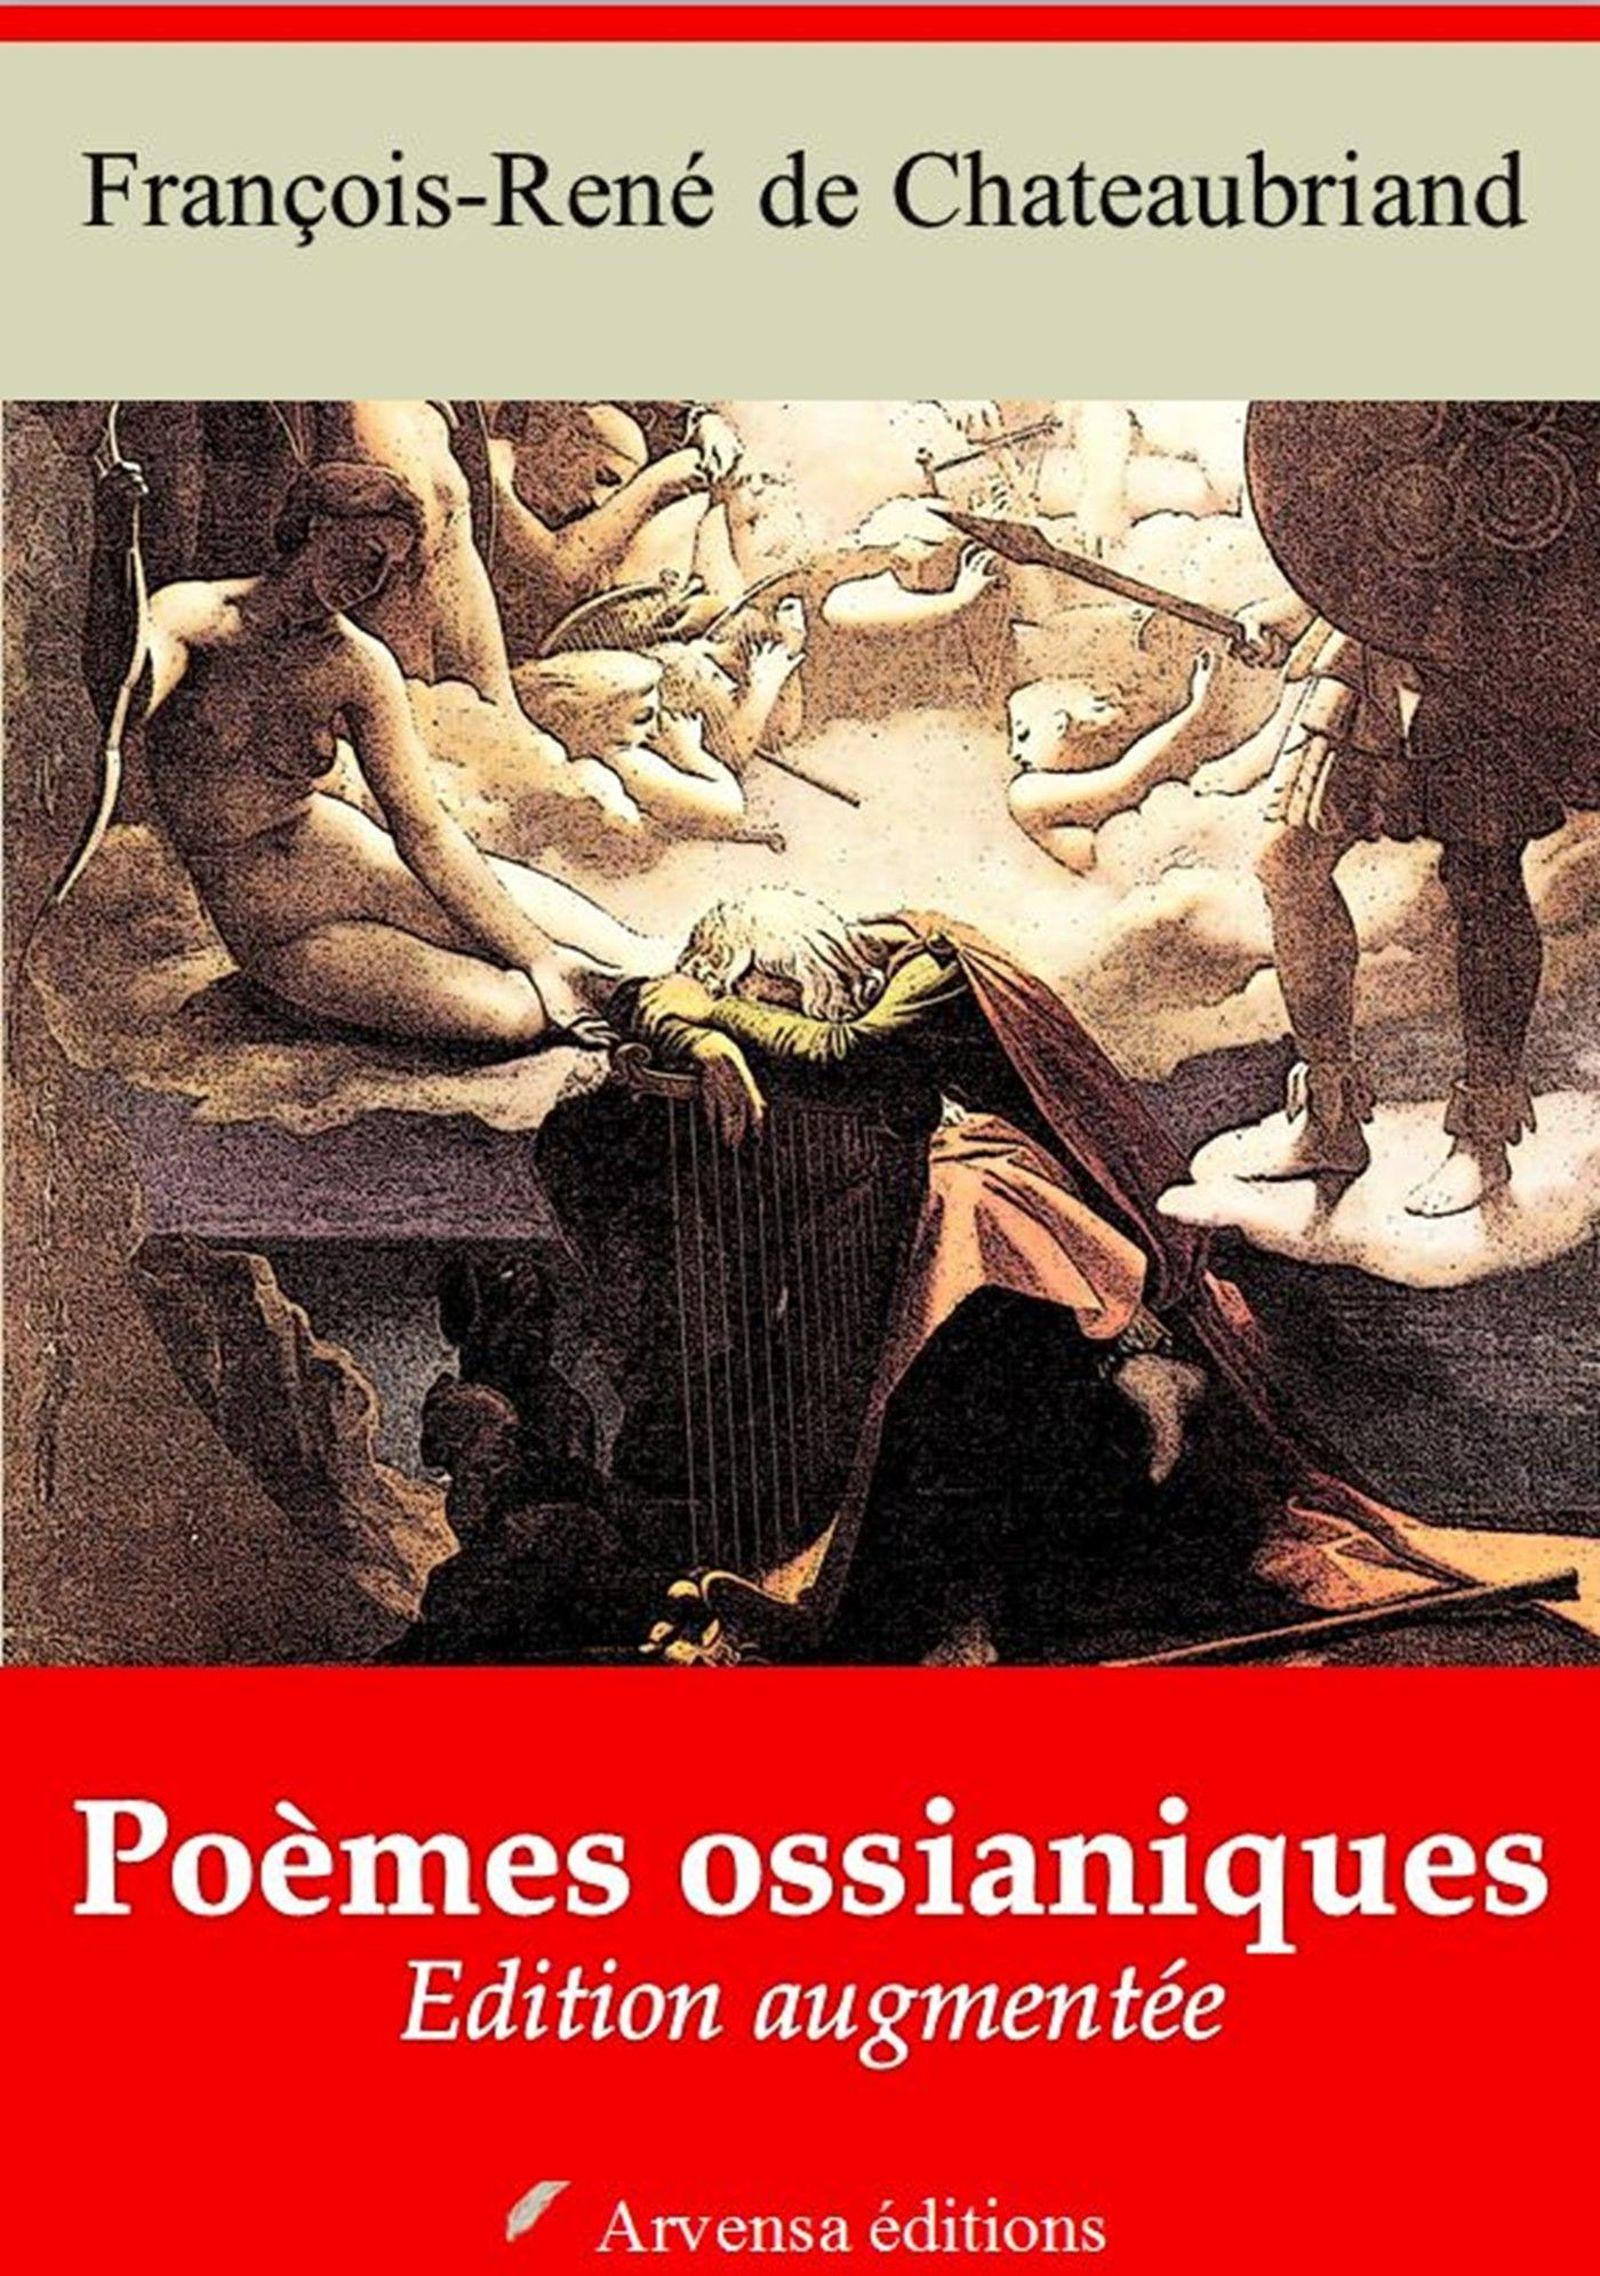 Poèmes ossianiques - suivi d'annexes